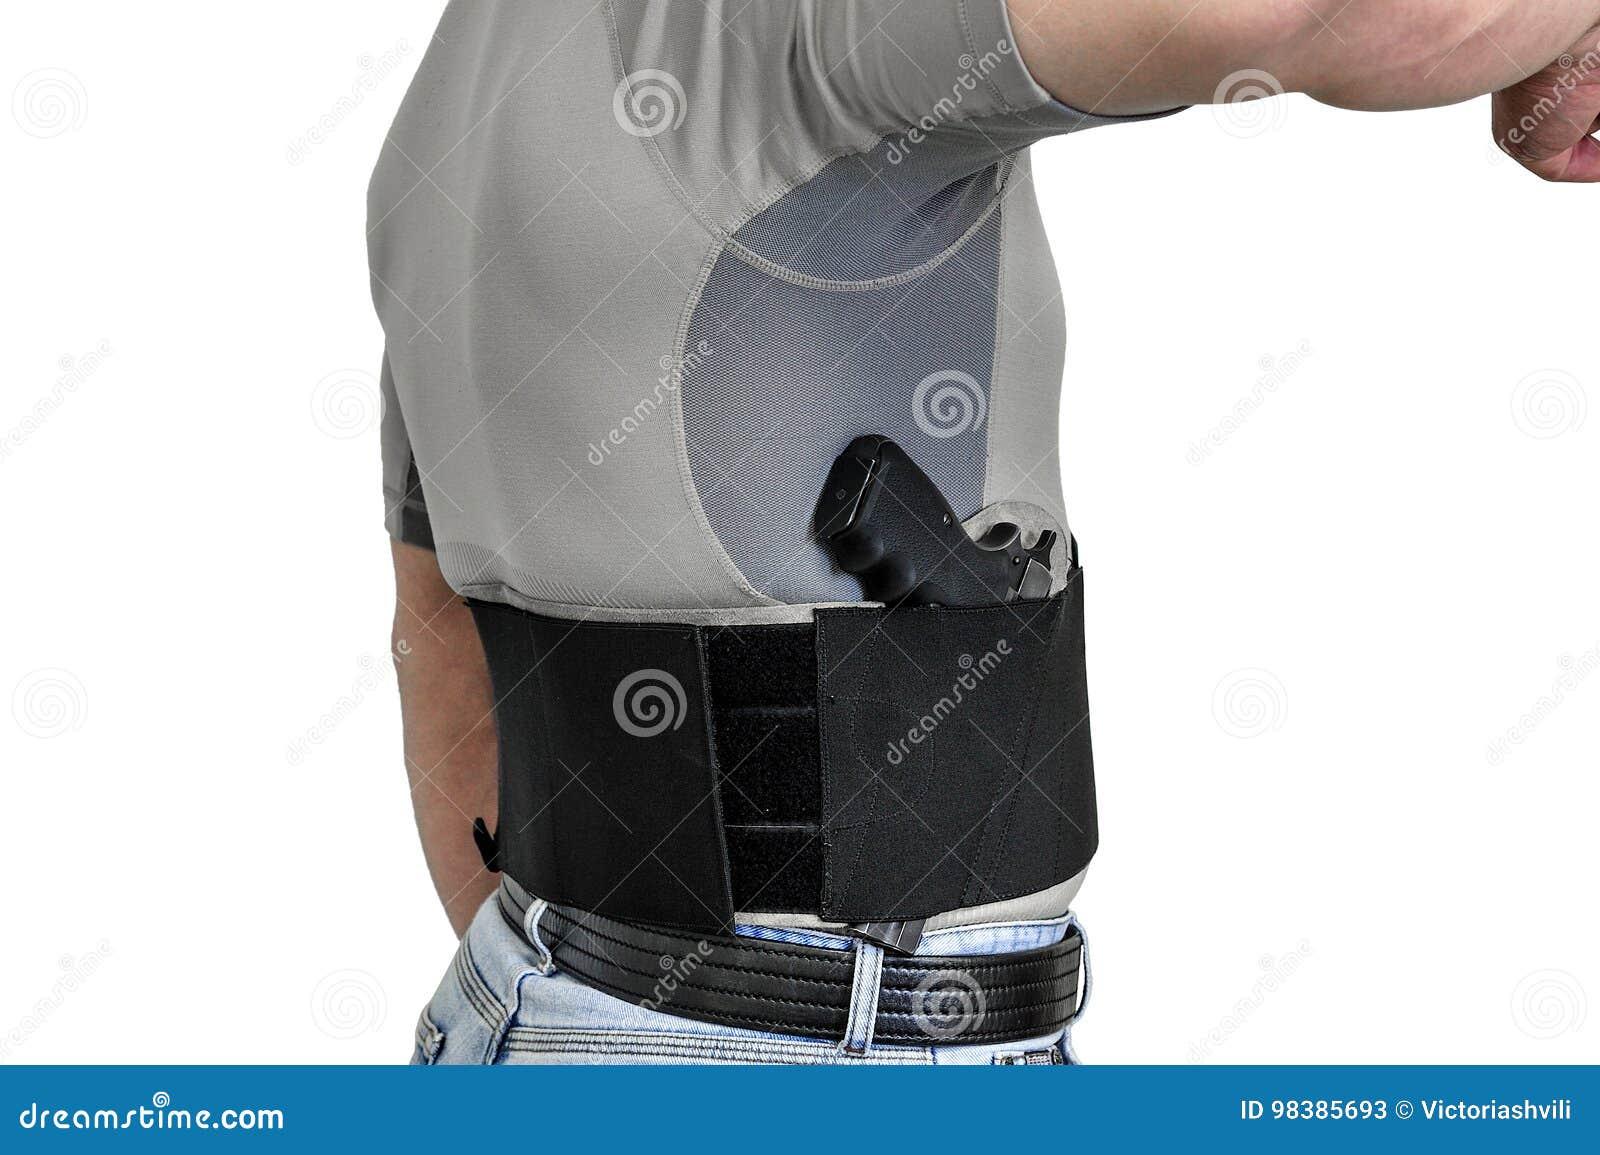 Κορμός ενός ατόμου που ντύνεται στα πολιτικά ενδύματα, κάτω από το πουκάμισο